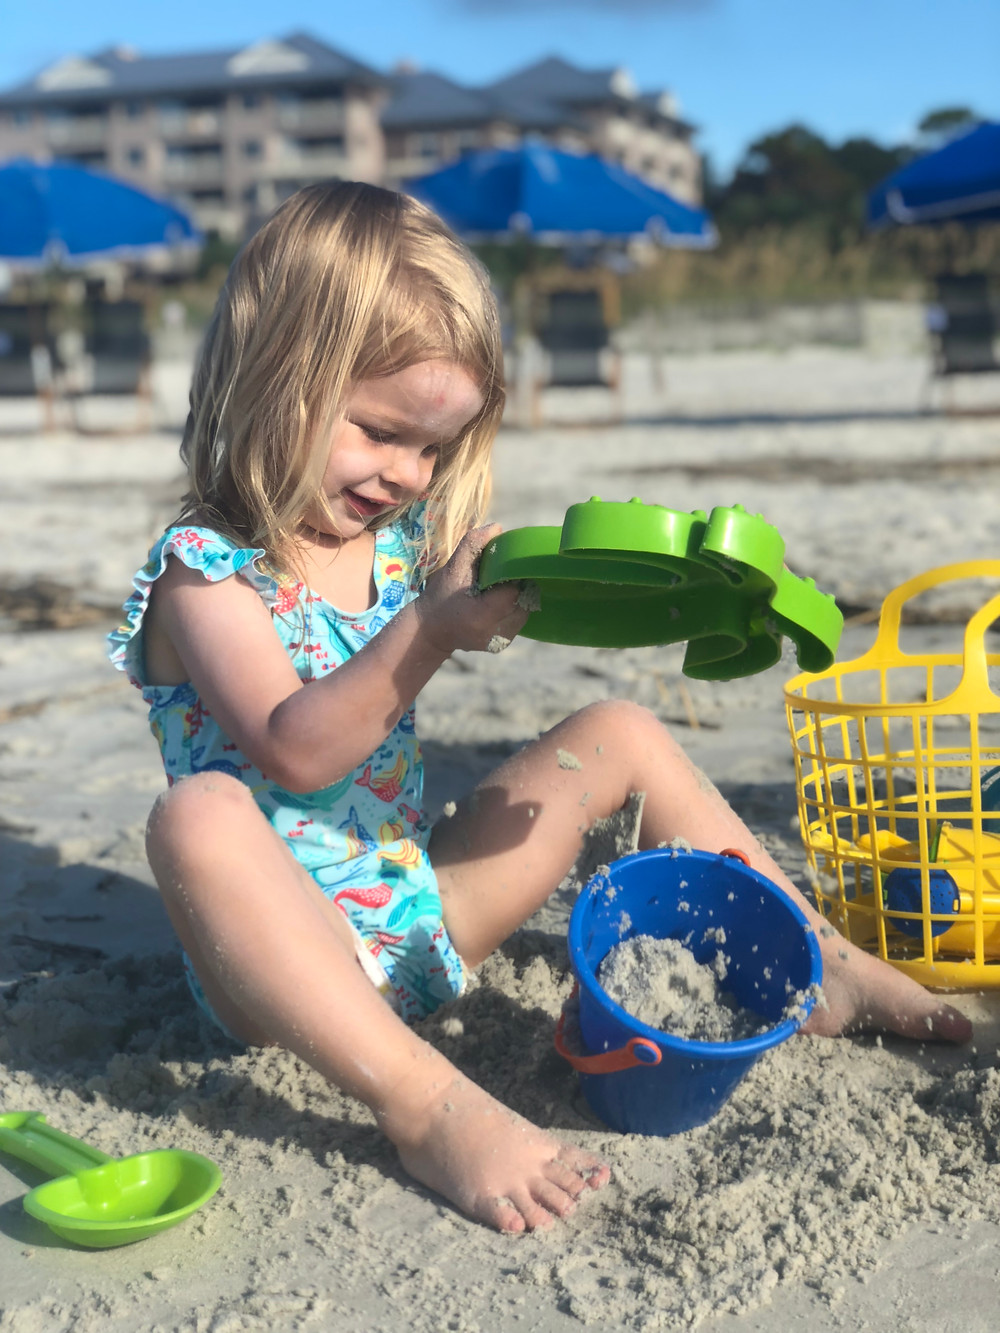 Family beach day Grande Ocean Marriott Hilton Head Island